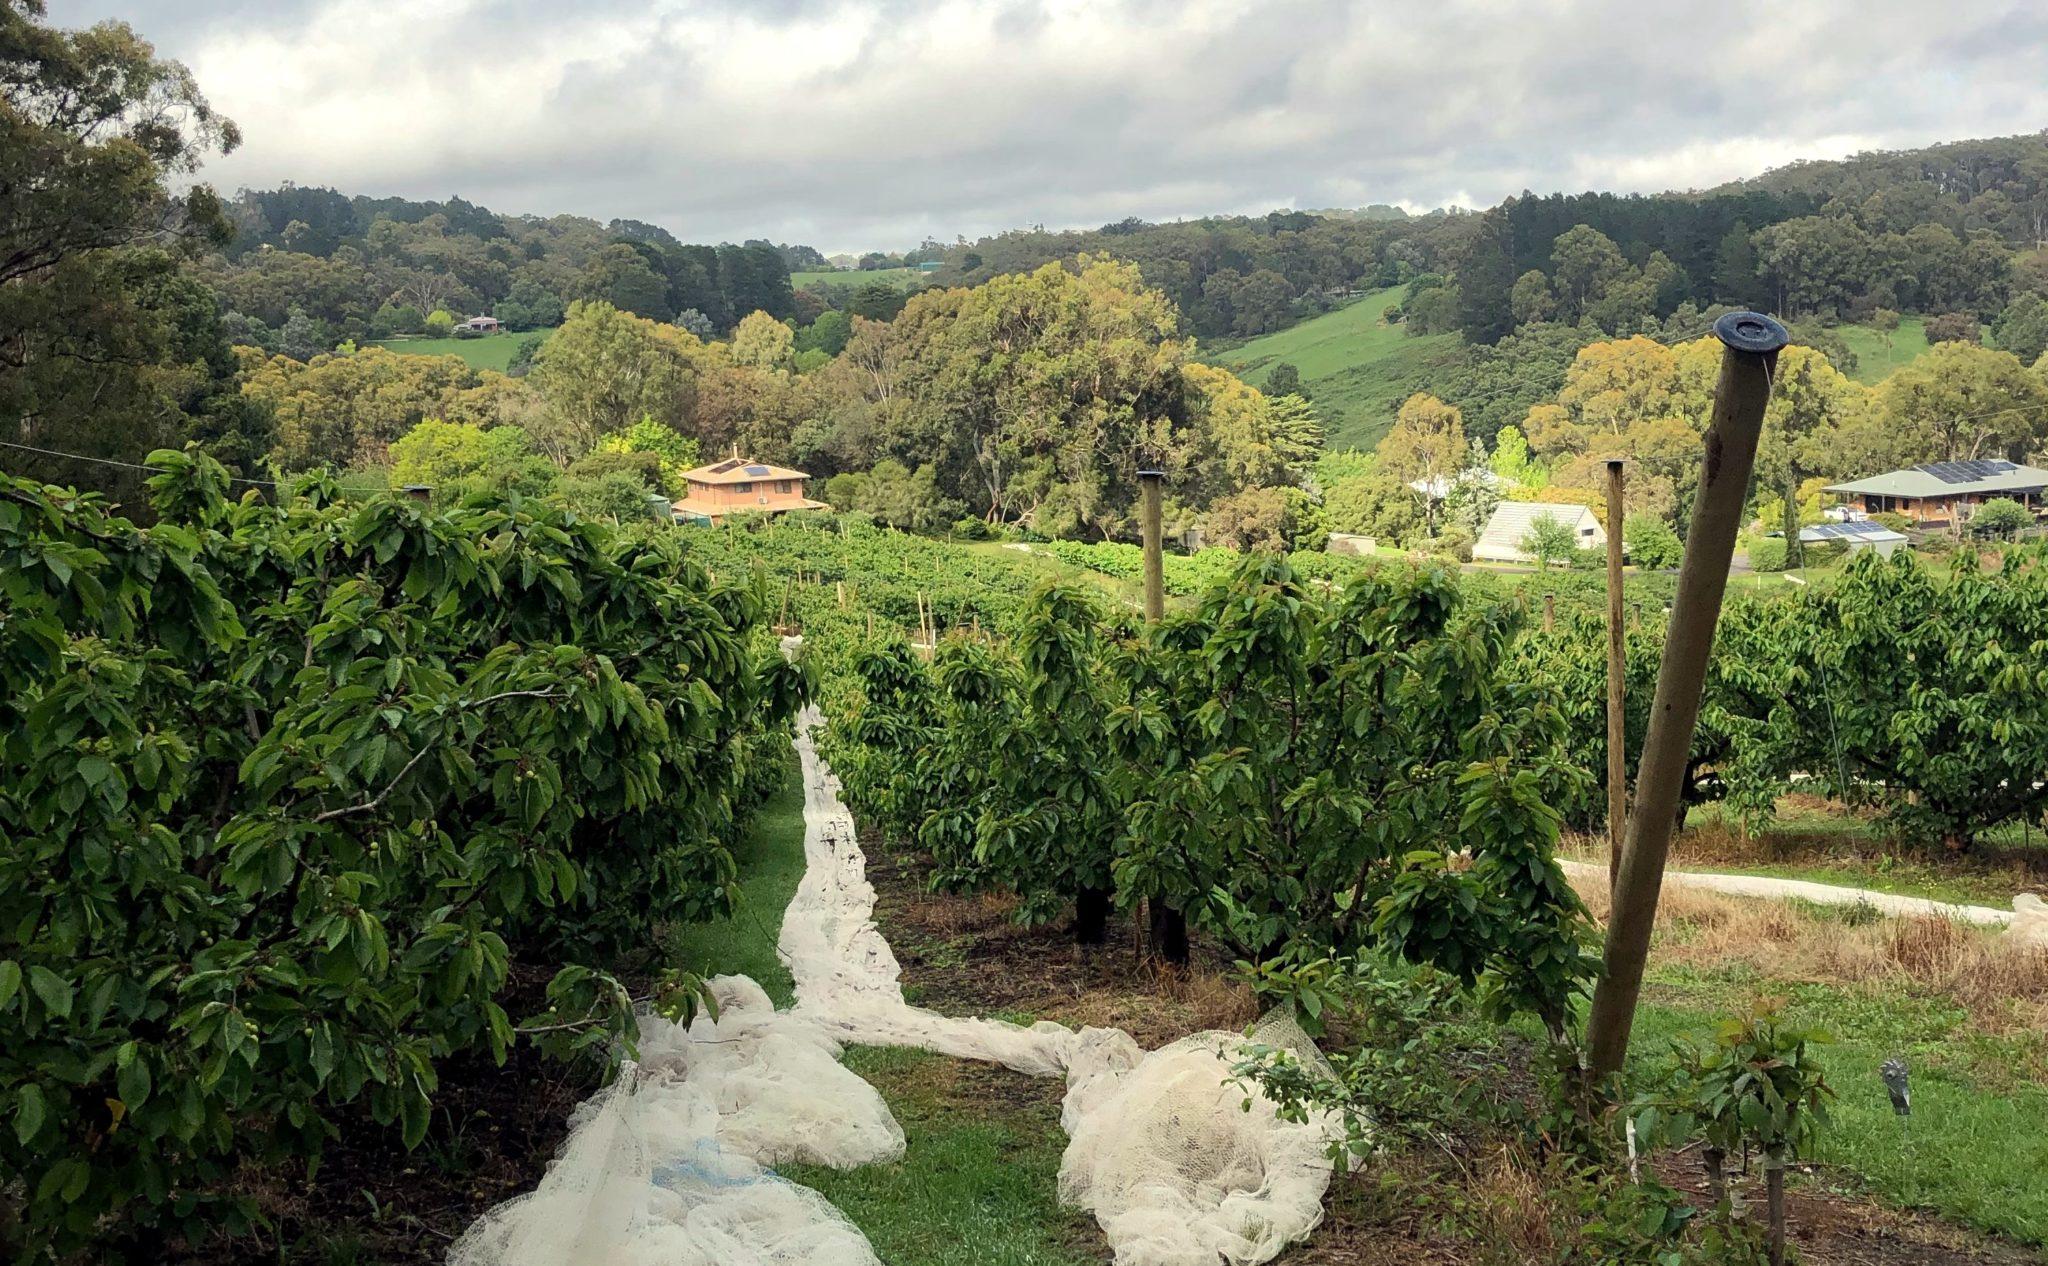 Netze zwischen Bäumen auf einer Kirschplantage in Australien.